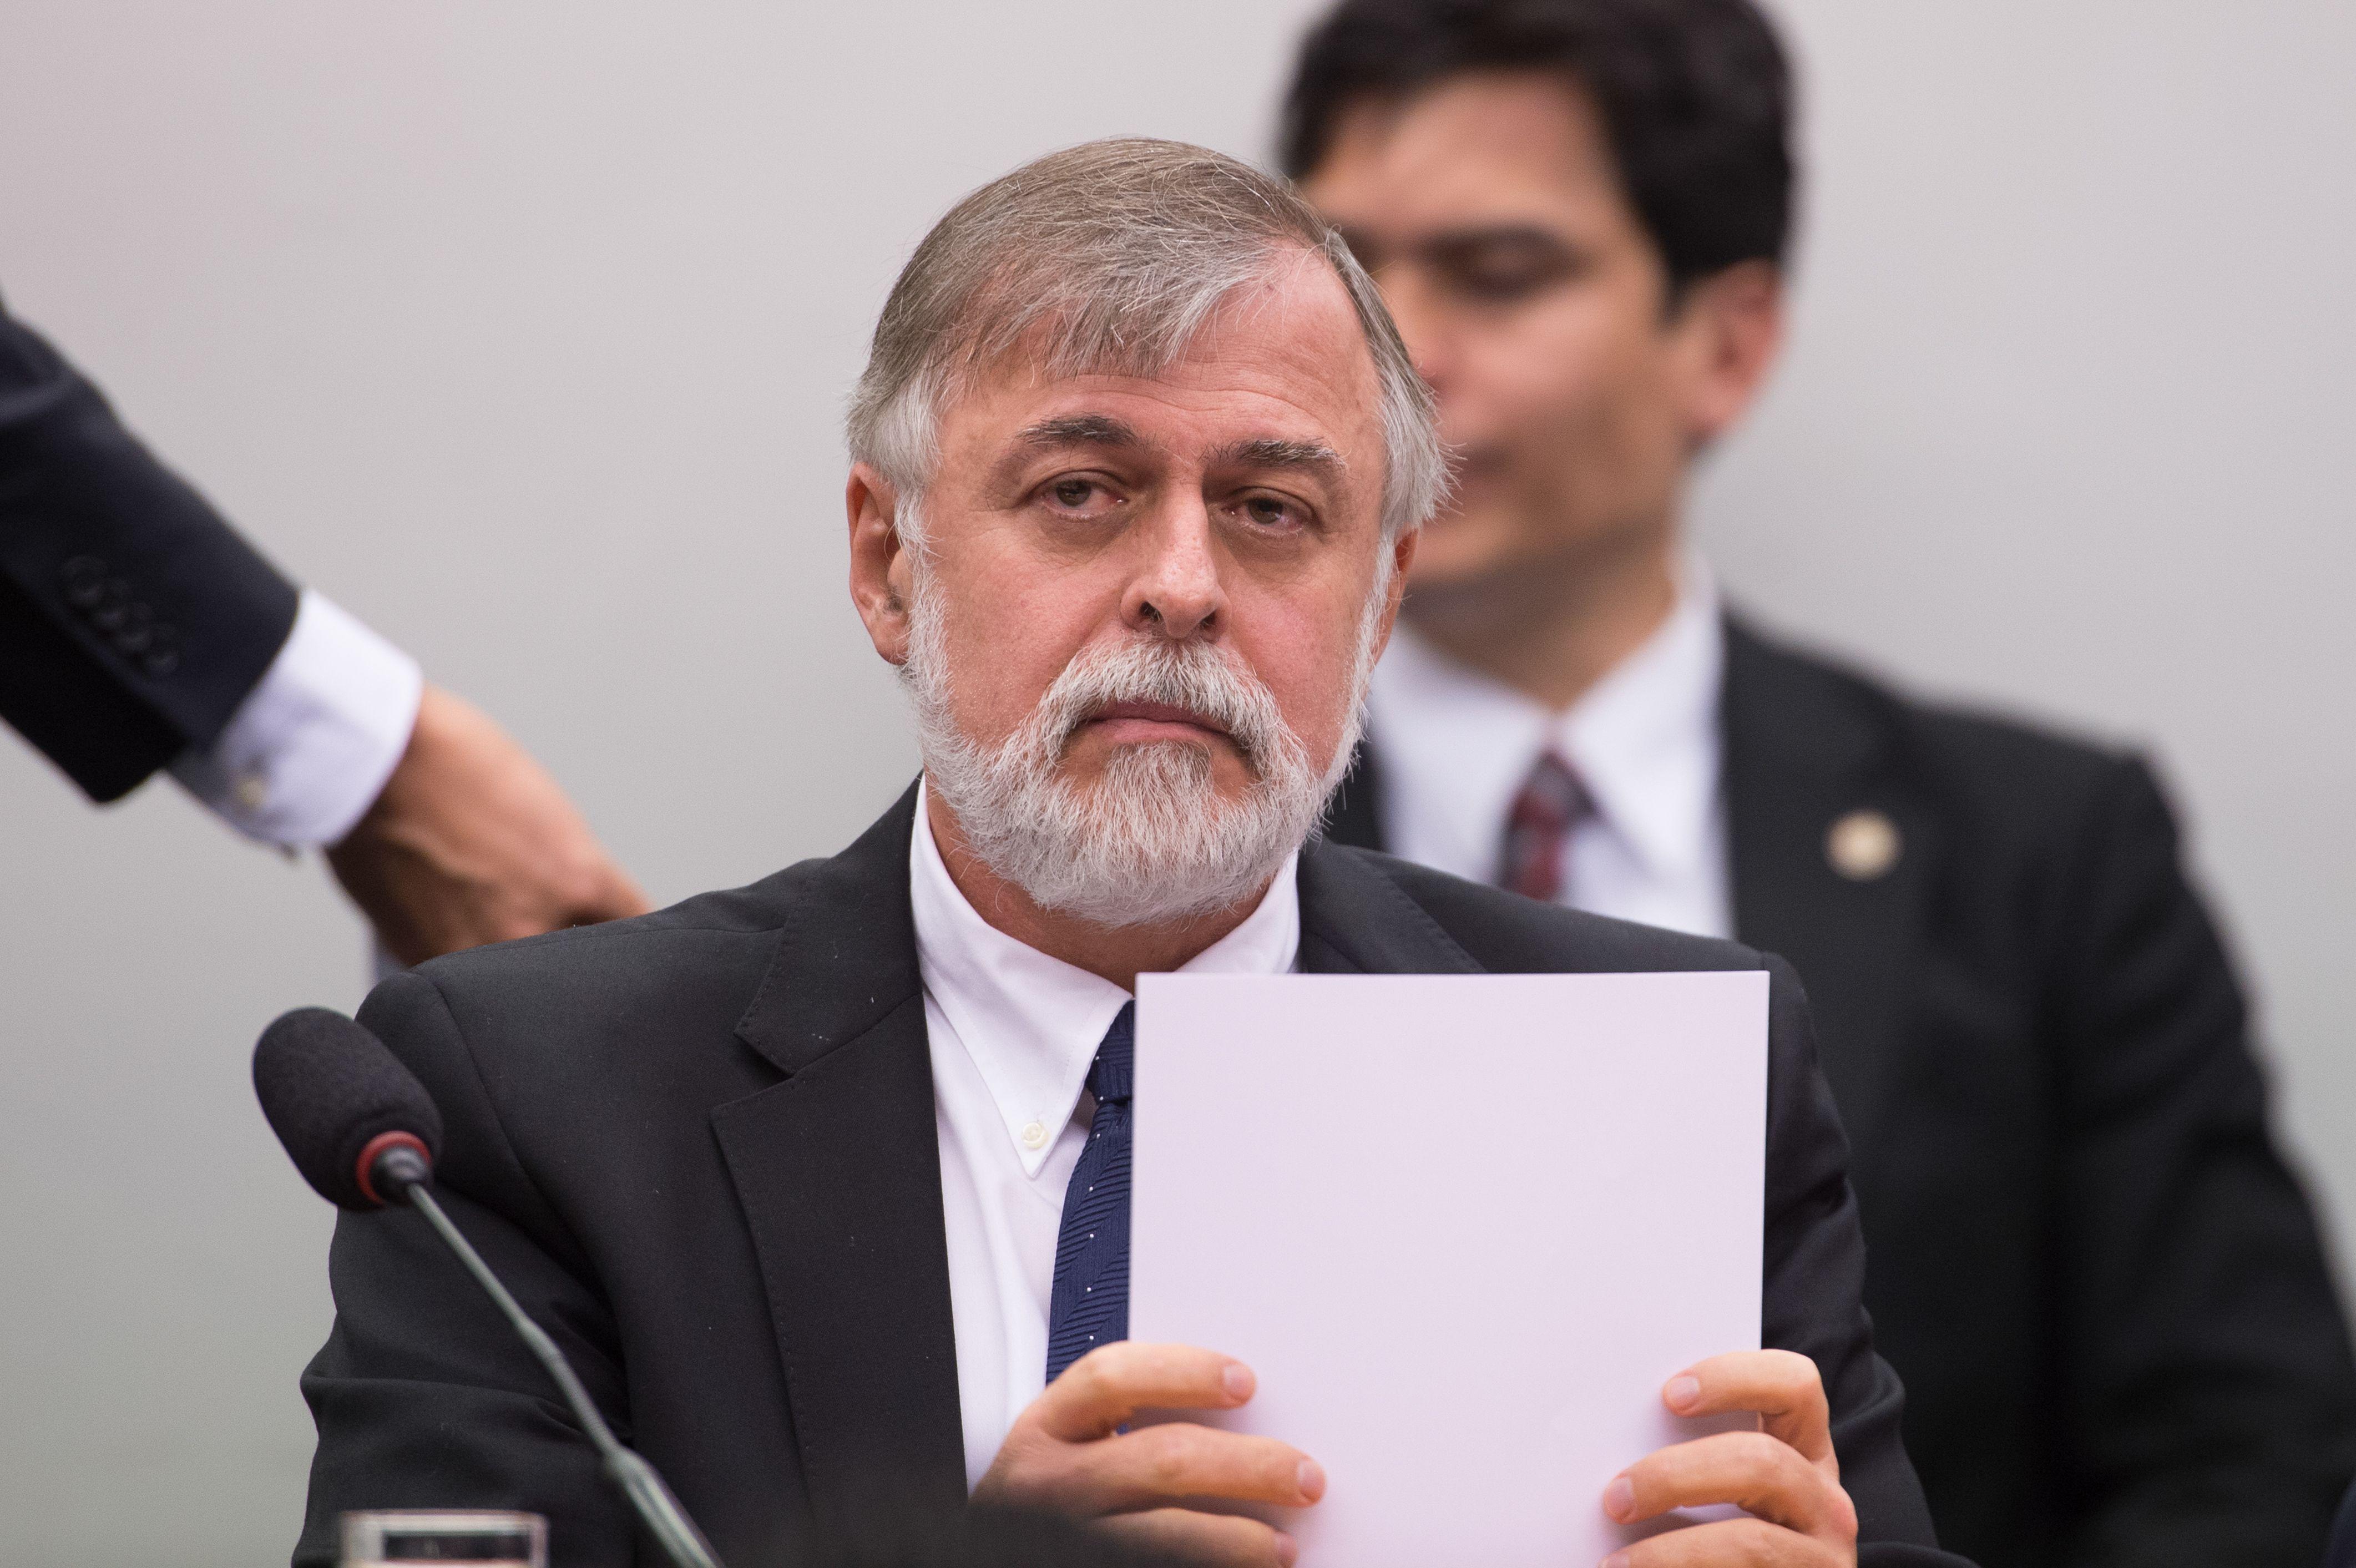 Veja o que saiu no Migalhas sobre Paulo Roberto Costa